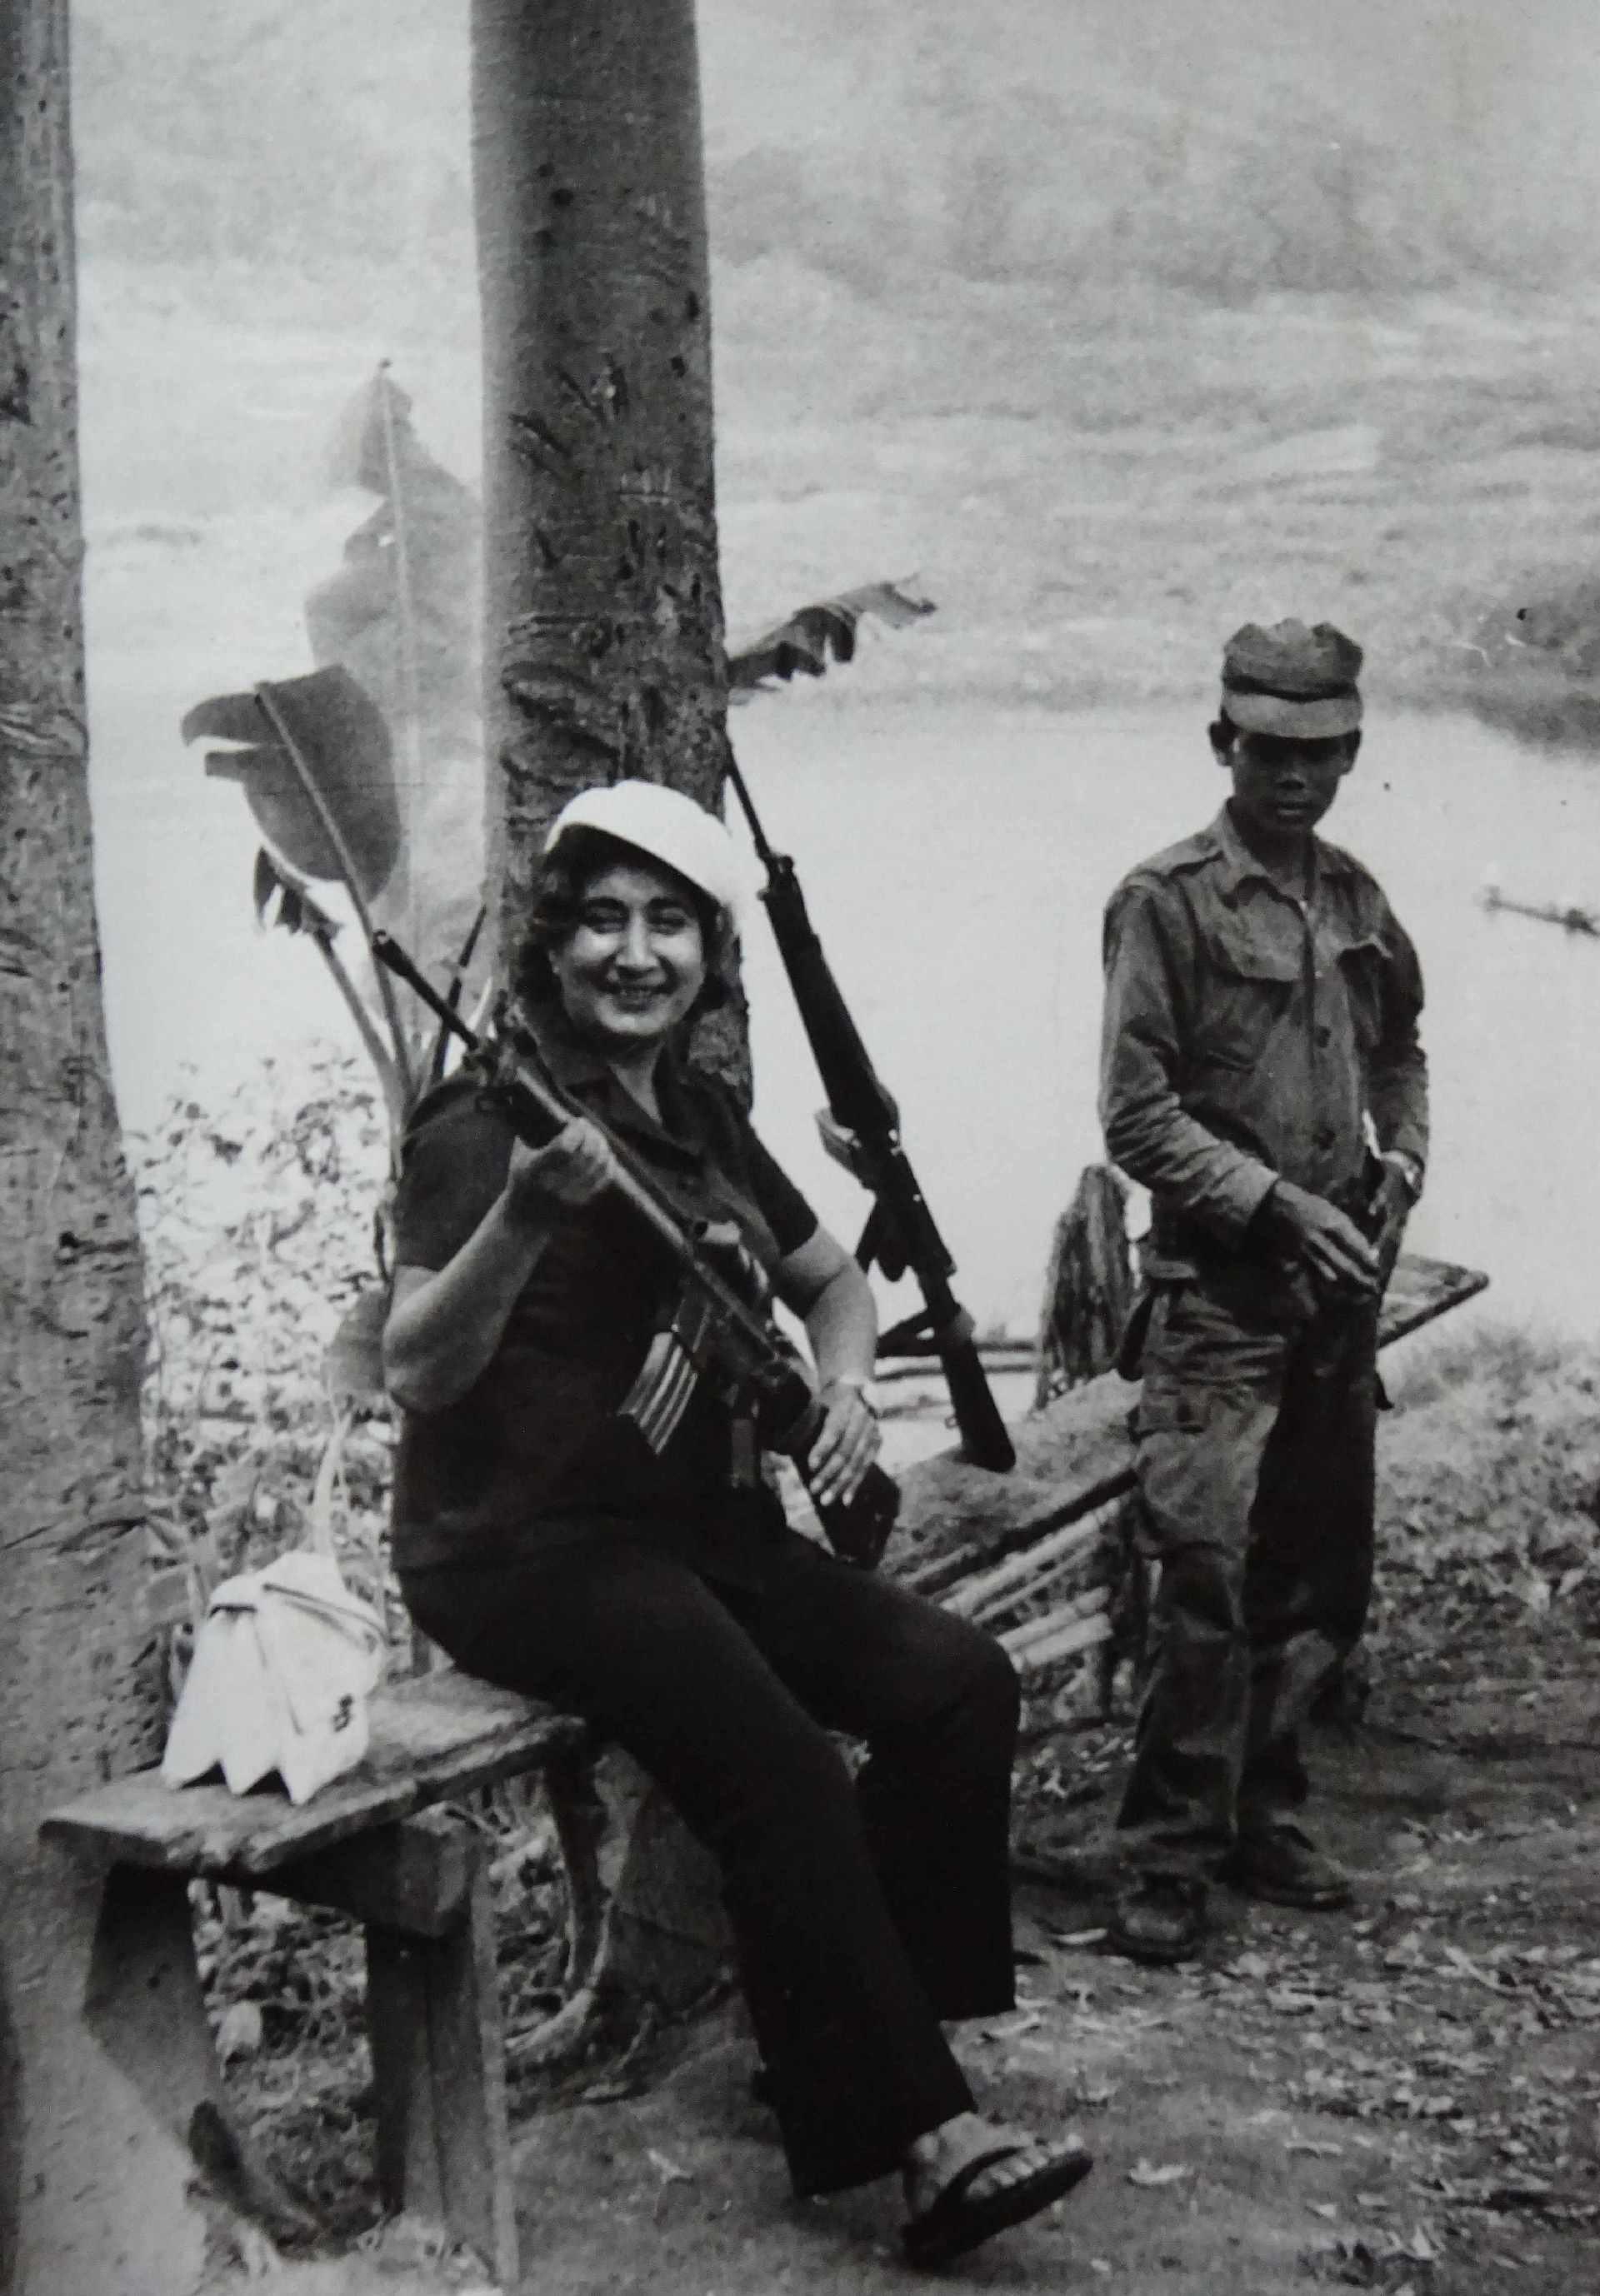 Экспонат #30. С Екатериной Вермишевой. Ангола, 1976 год